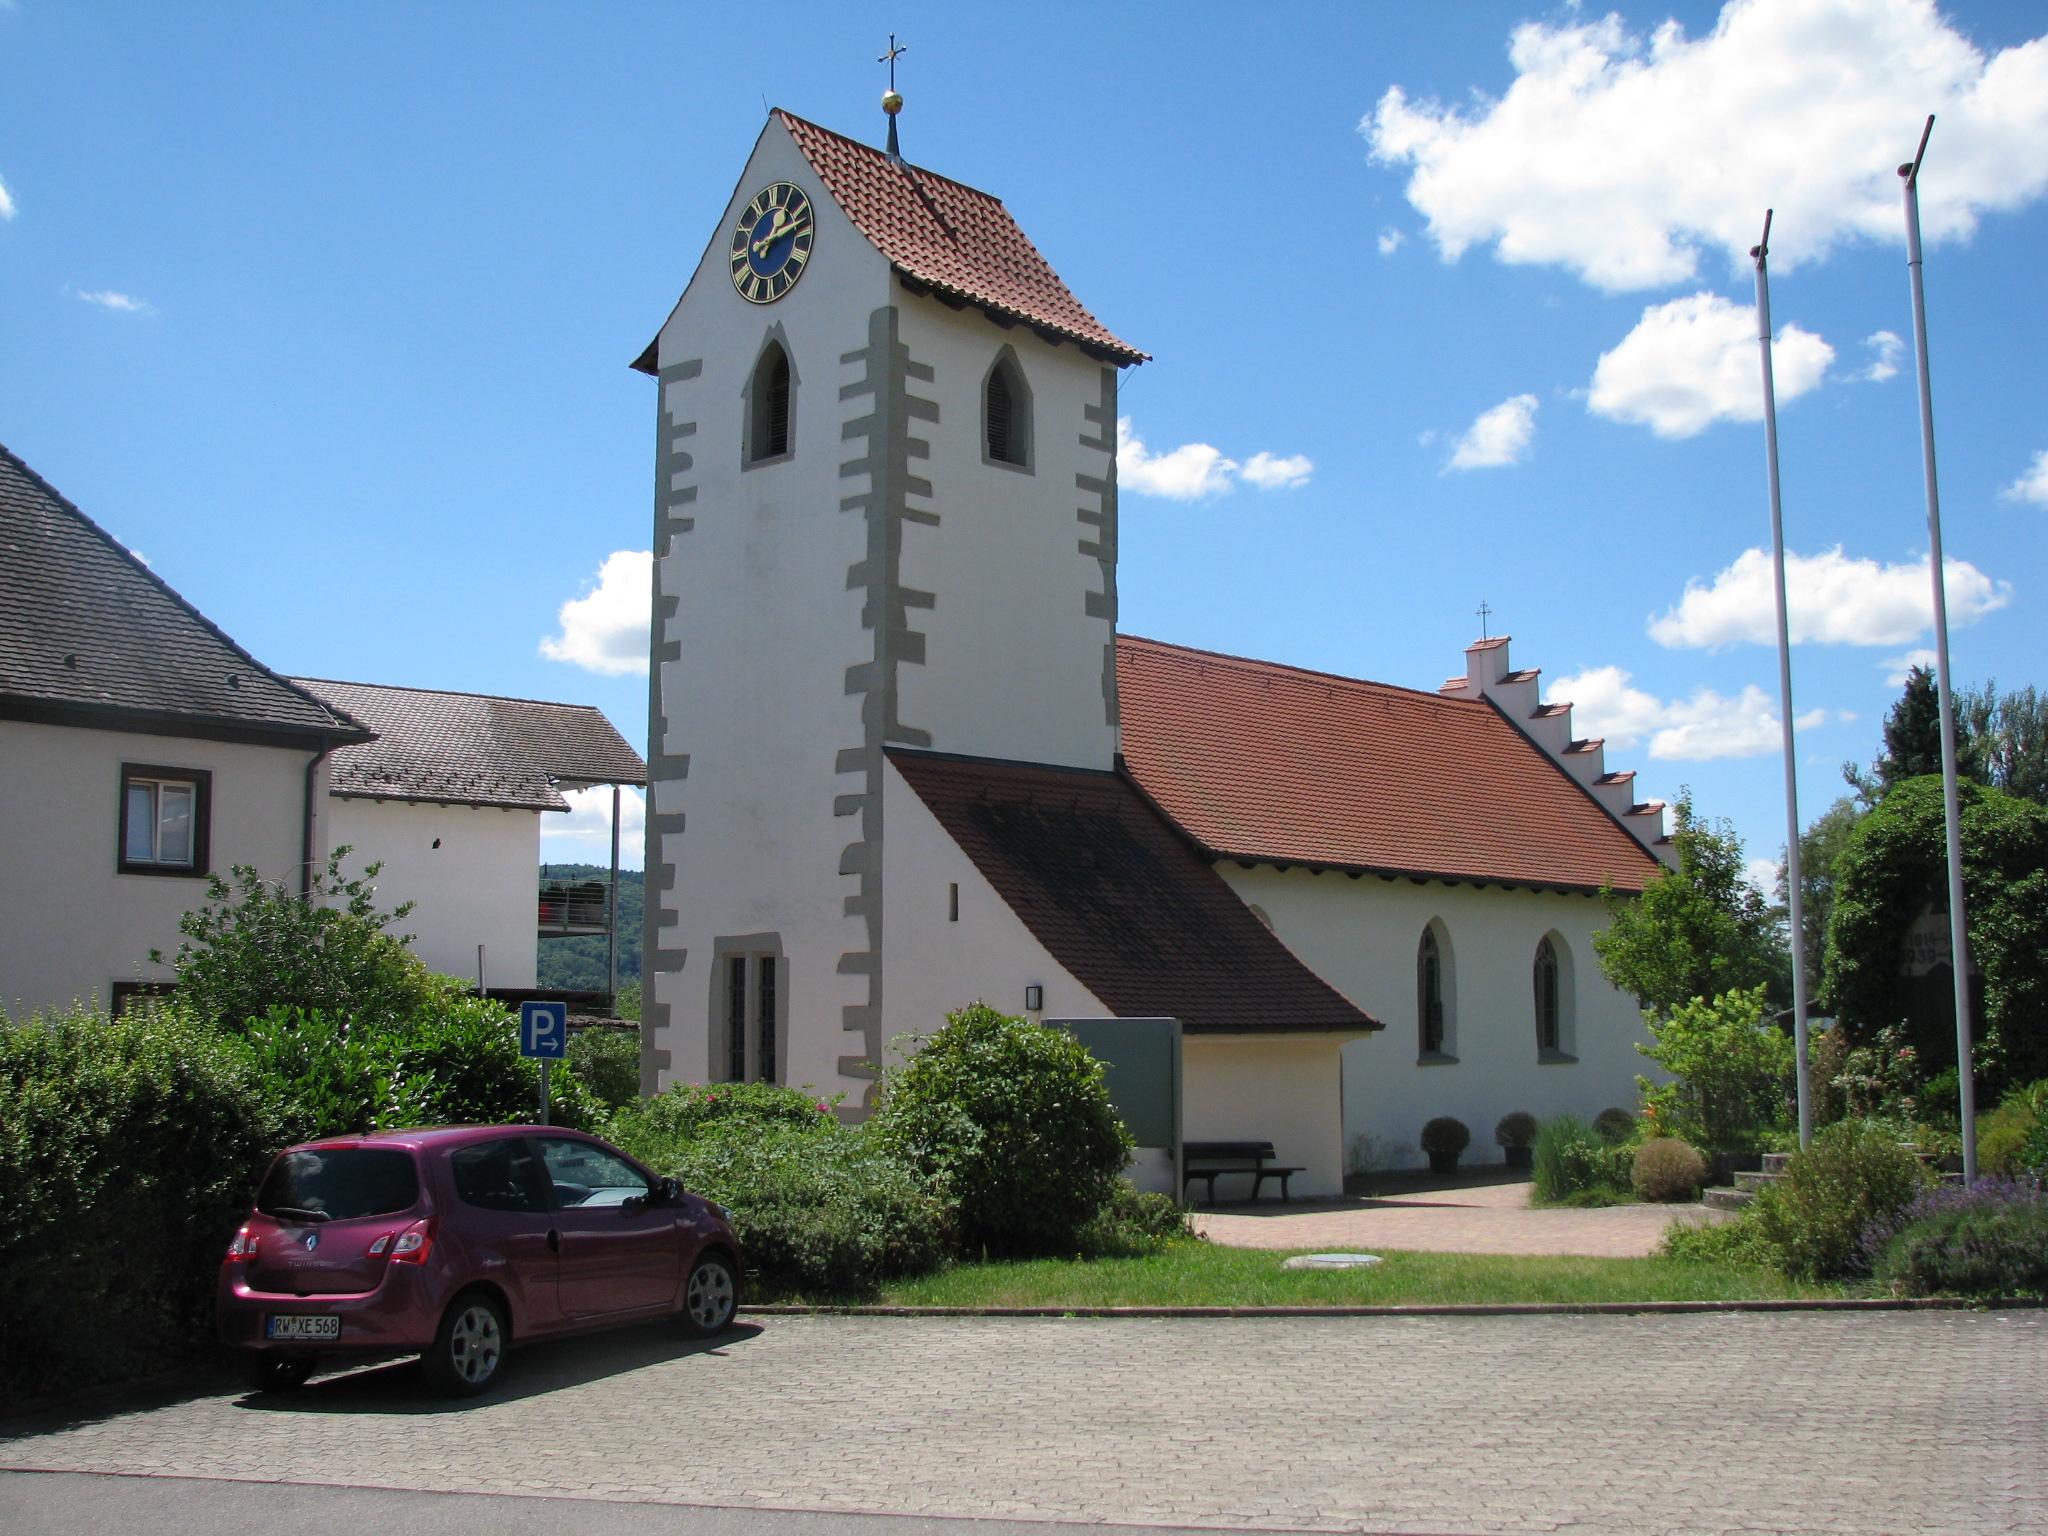 Kirche in Hemmenhofen